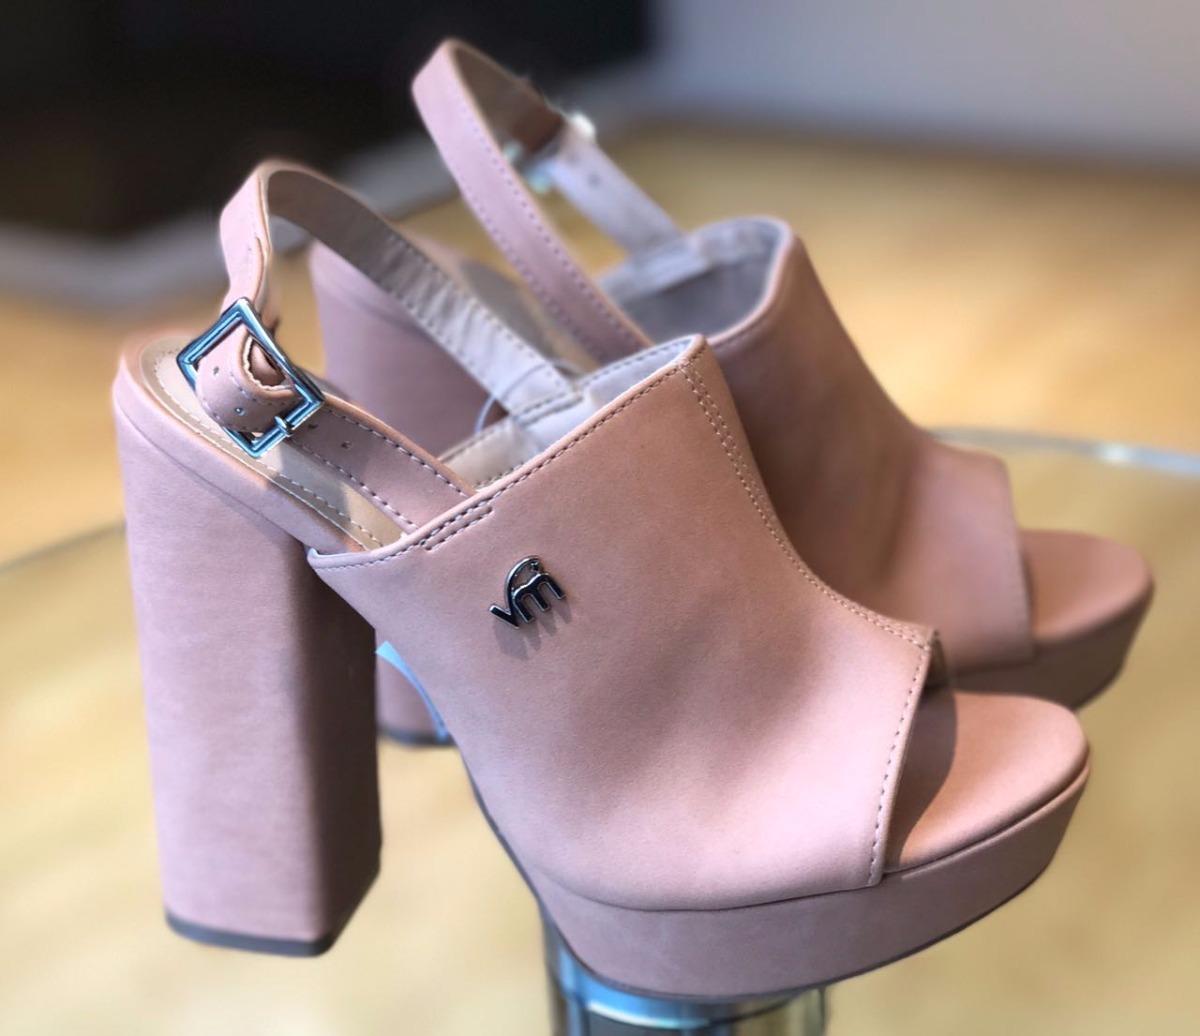 500 Alto Fiesta 2018 Plataforma Zapato 00 Sandalias Mujer Taco 1 EqTxa8 8df23155fb6fd